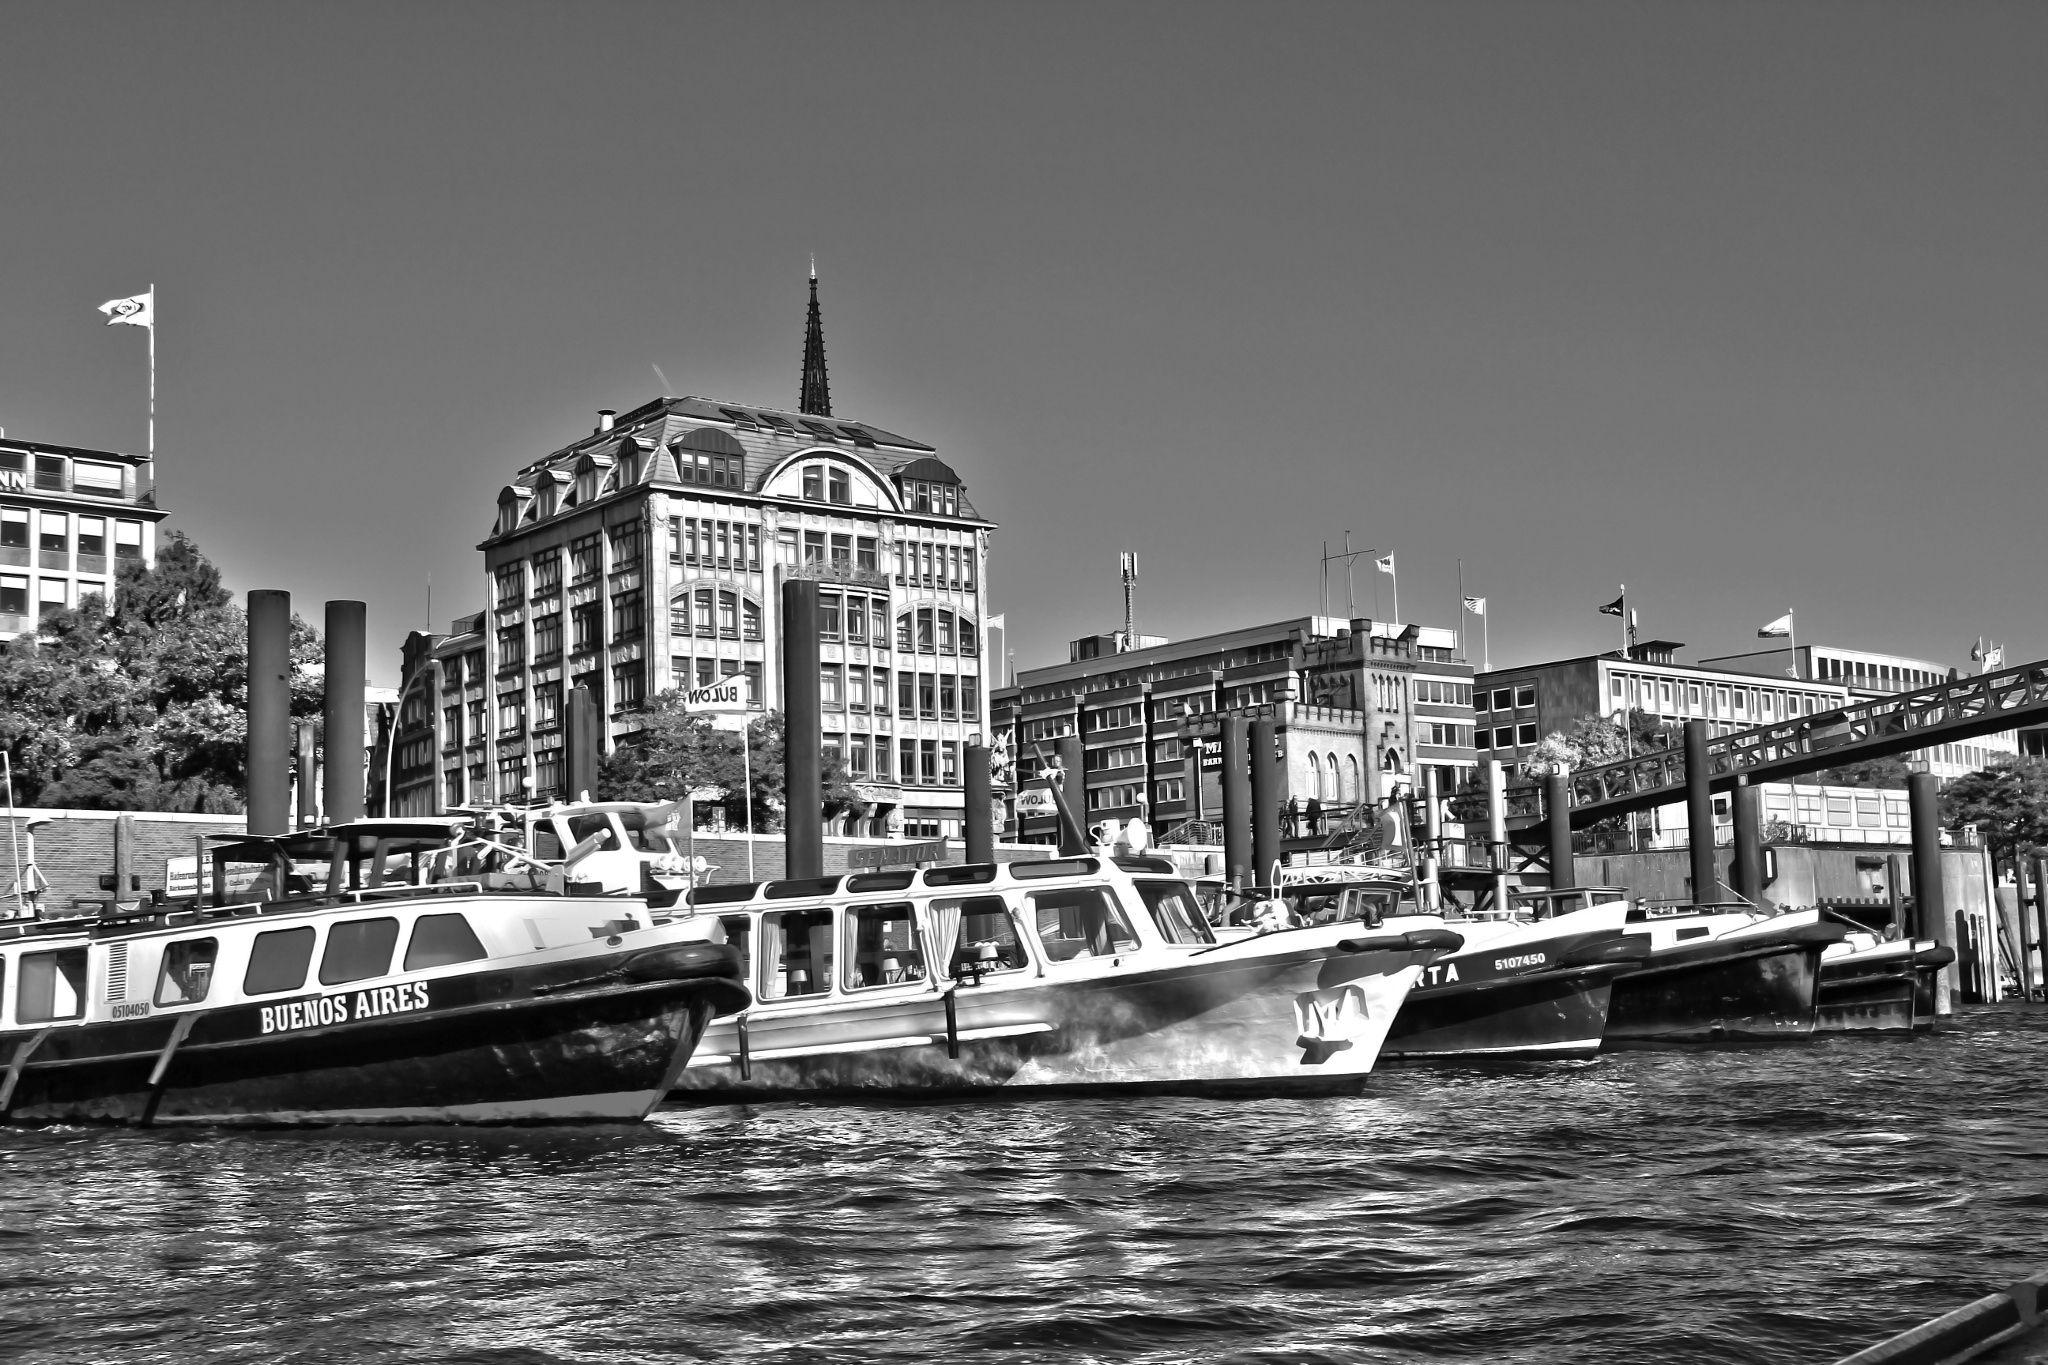 Buenos Aires - Inland Port of Hamburg B&W by Michael Schloz on 500px. #hafentour #buenosaires #bootstour #hamburg #hamburgbyday #portofhamburg #hamburgerhafen #inlandporthamburg #inlandport #binnenhafen #binnenhafenhamburg #boats #blackandwhite #bw #schwarzweißfotografie #schwarzweiß